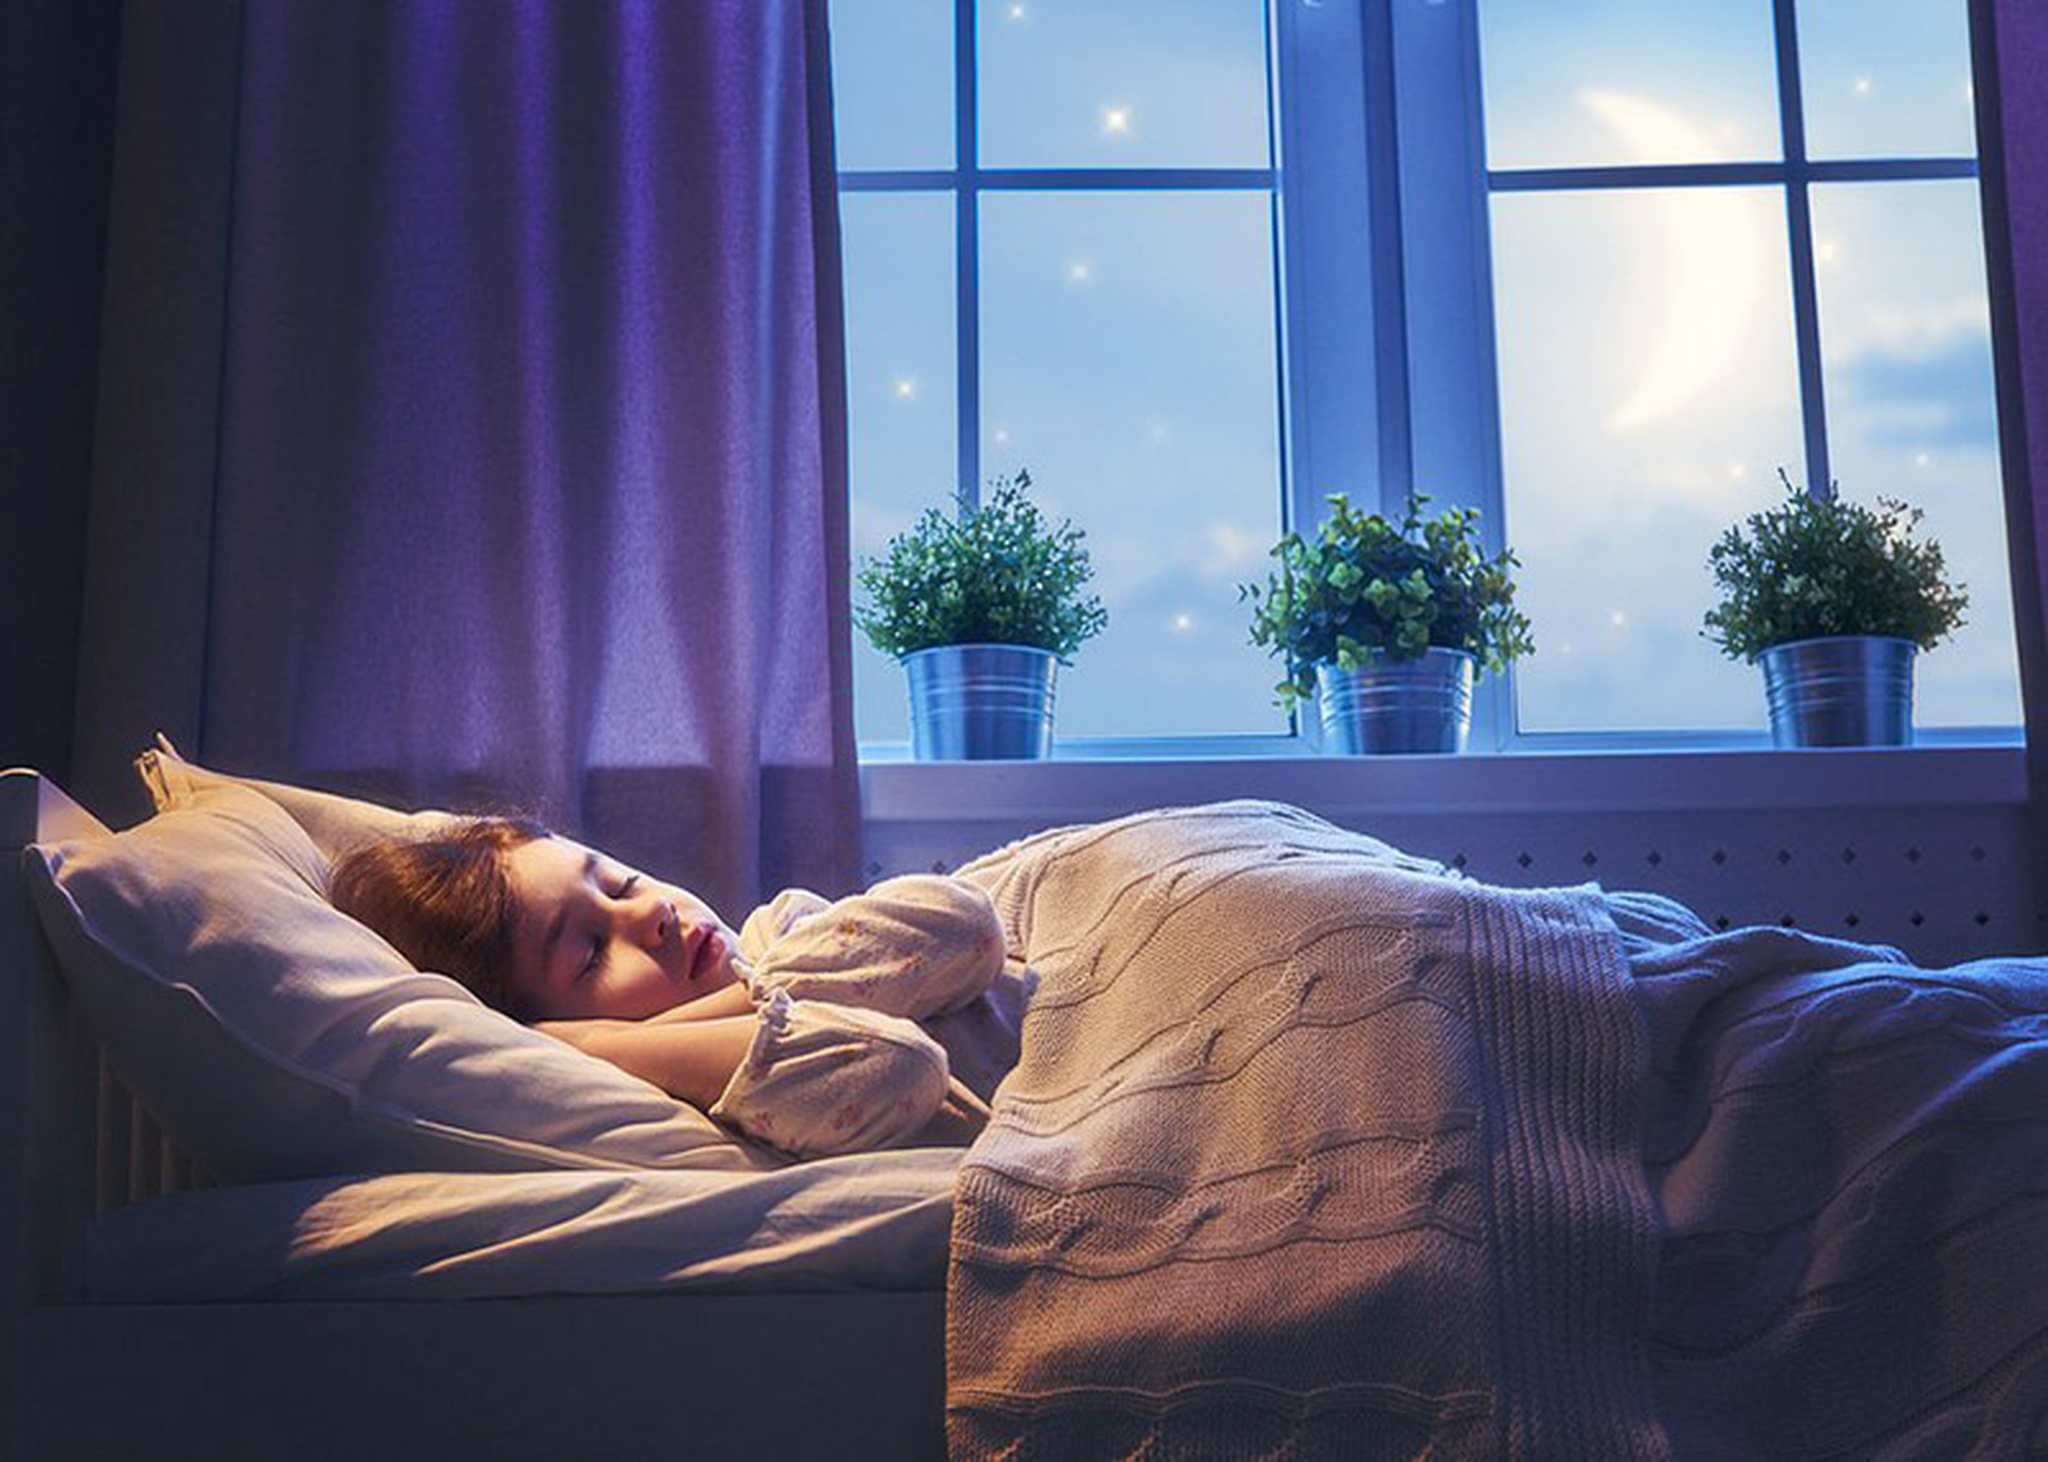 rahat uyku ortamında uyuyan çocuk, rahat uyku